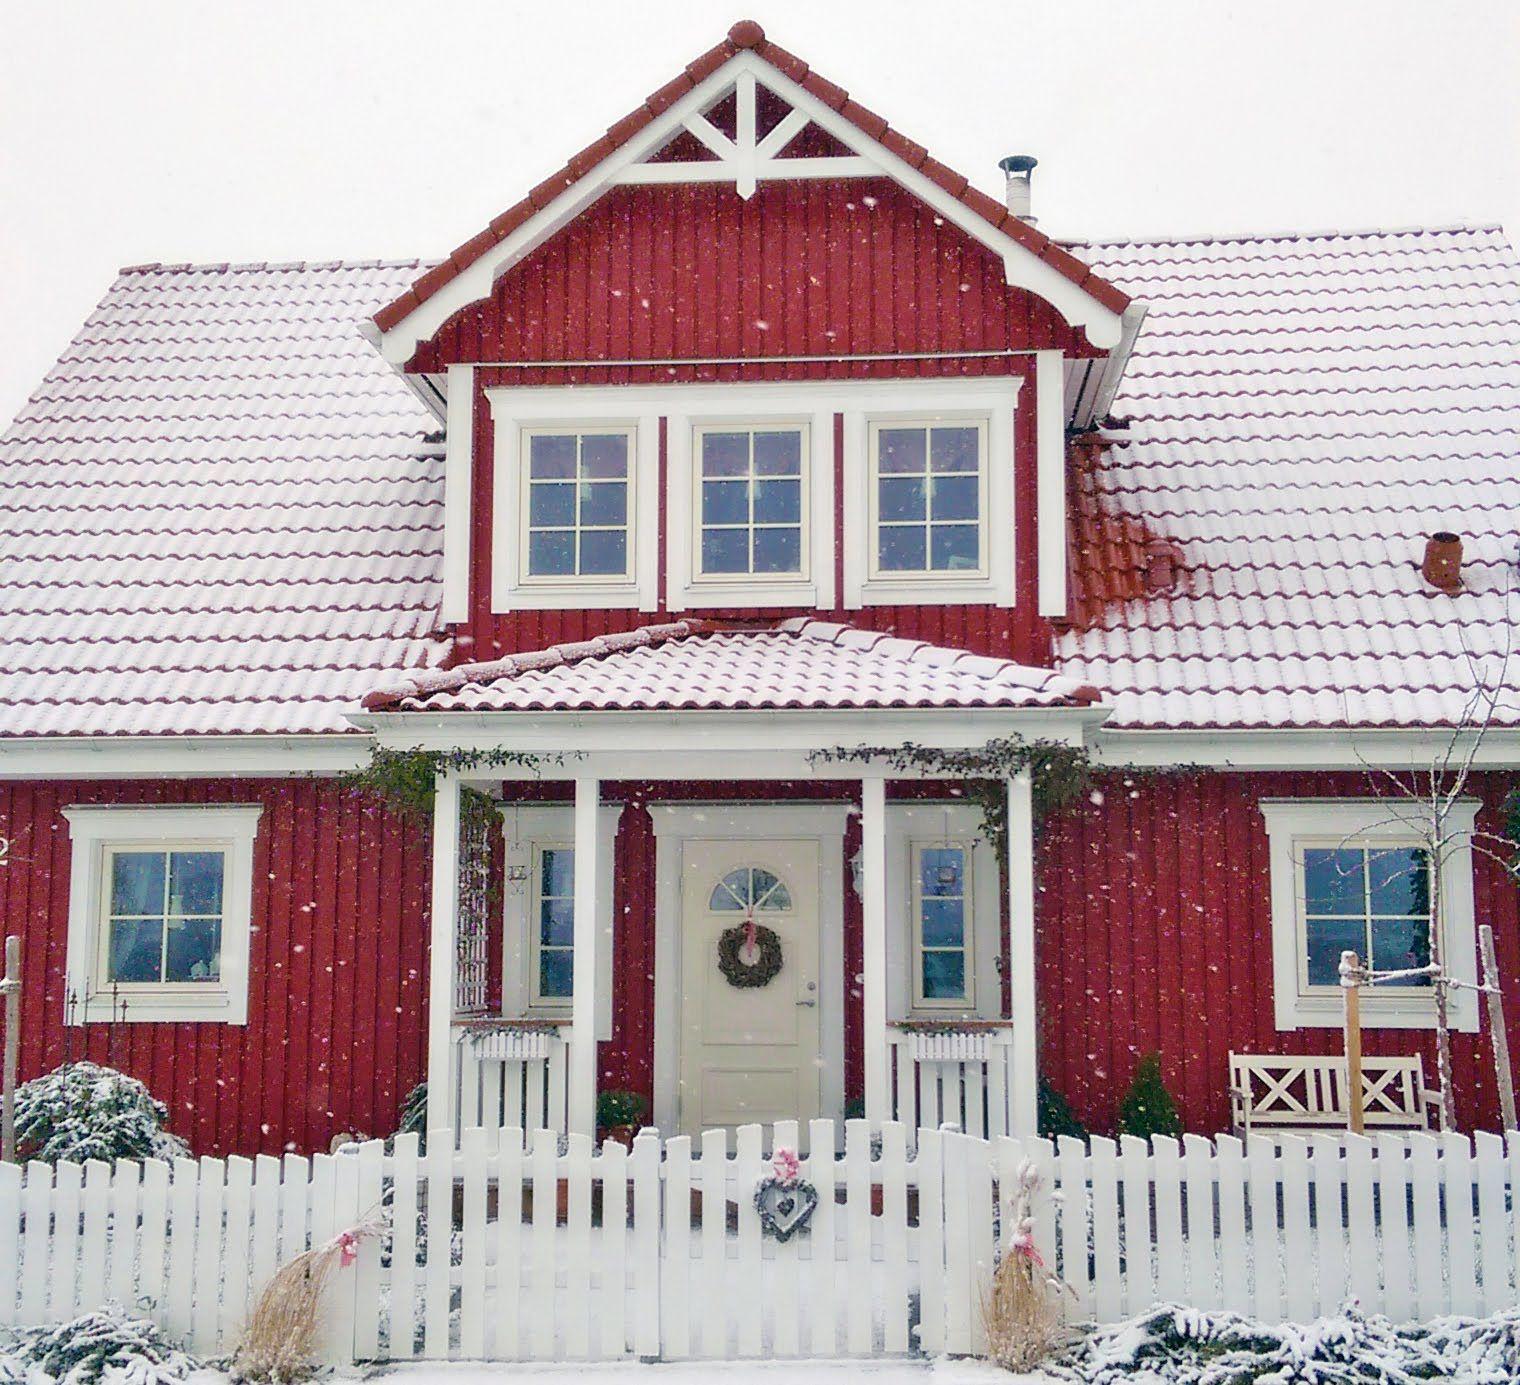 Das Ferienhaus in Kanada … | Pinteres…